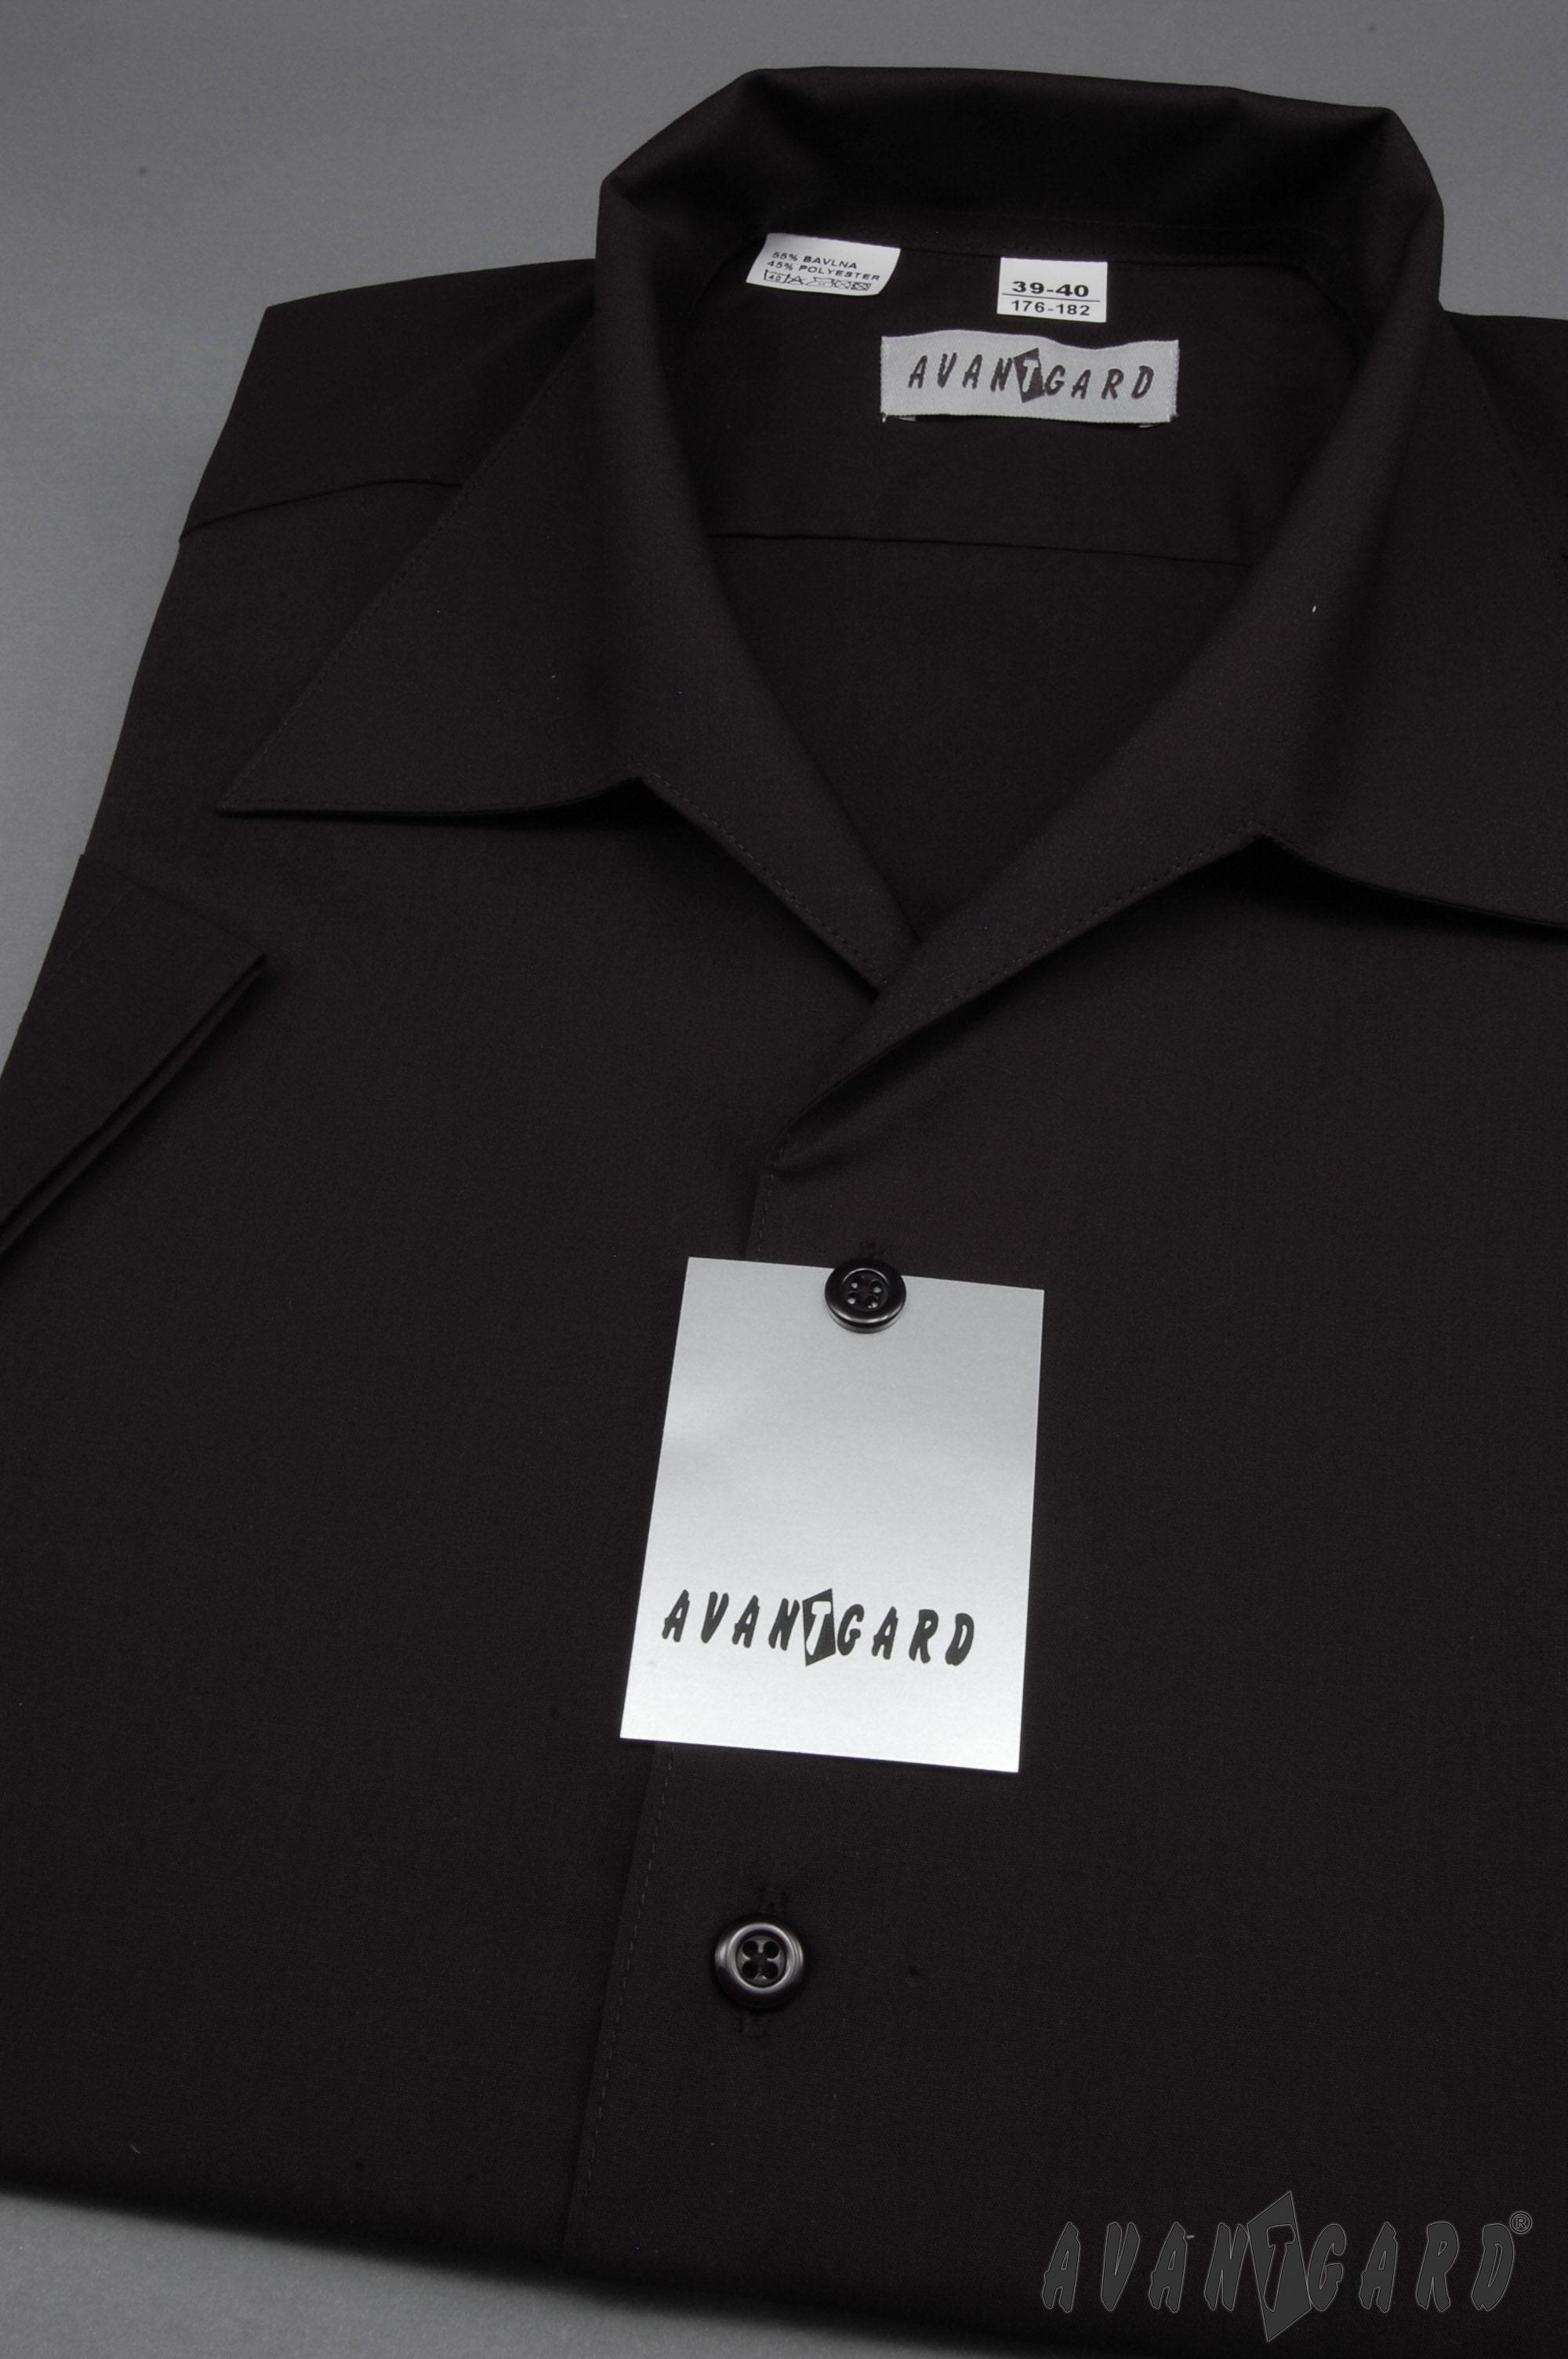 97c019f4bfa Avantgard pánská košile rozhalenka krátký rukáv 456-23 barva černá